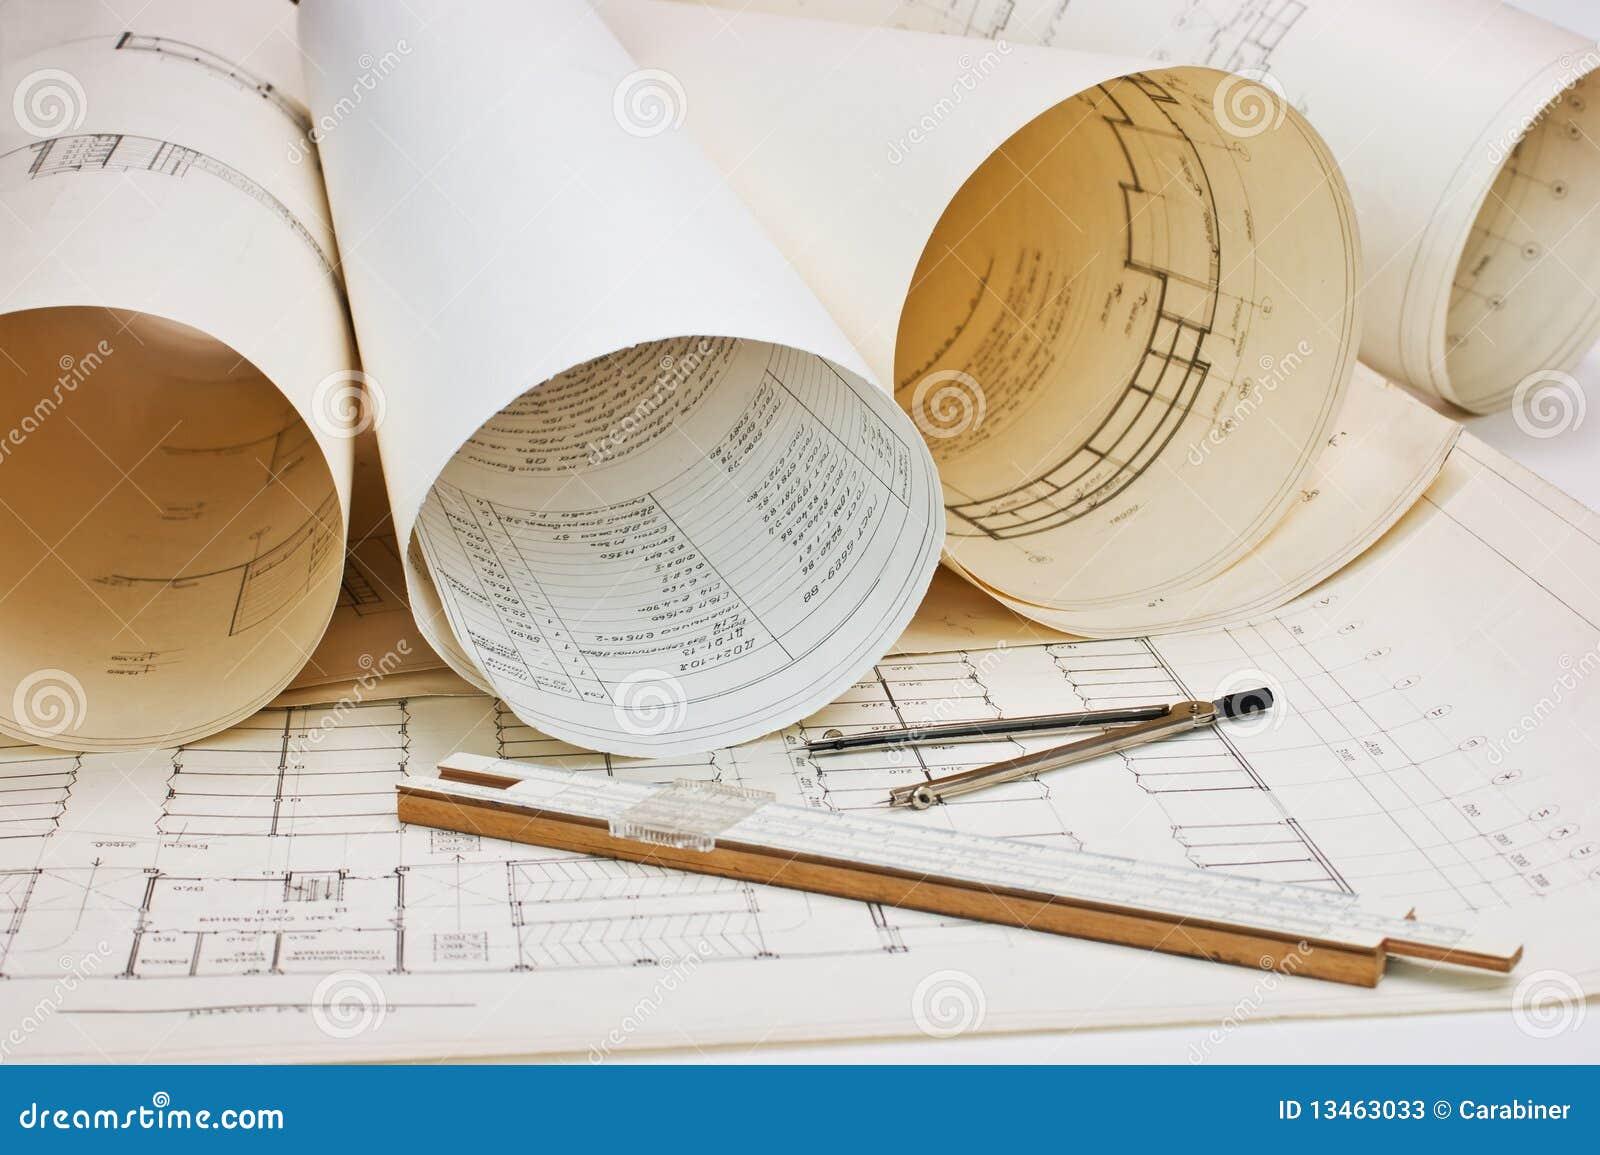 Gráfico arquitectónico viejo